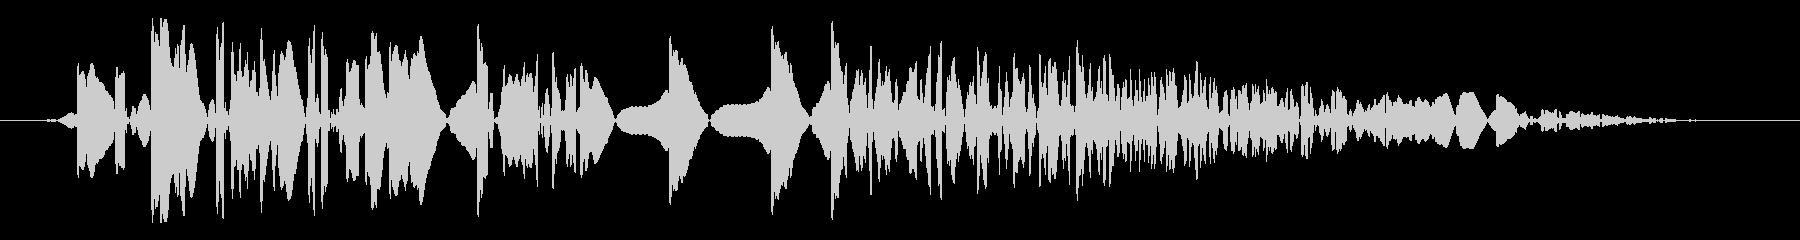 レトロゲーム風 通常攻撃音の未再生の波形